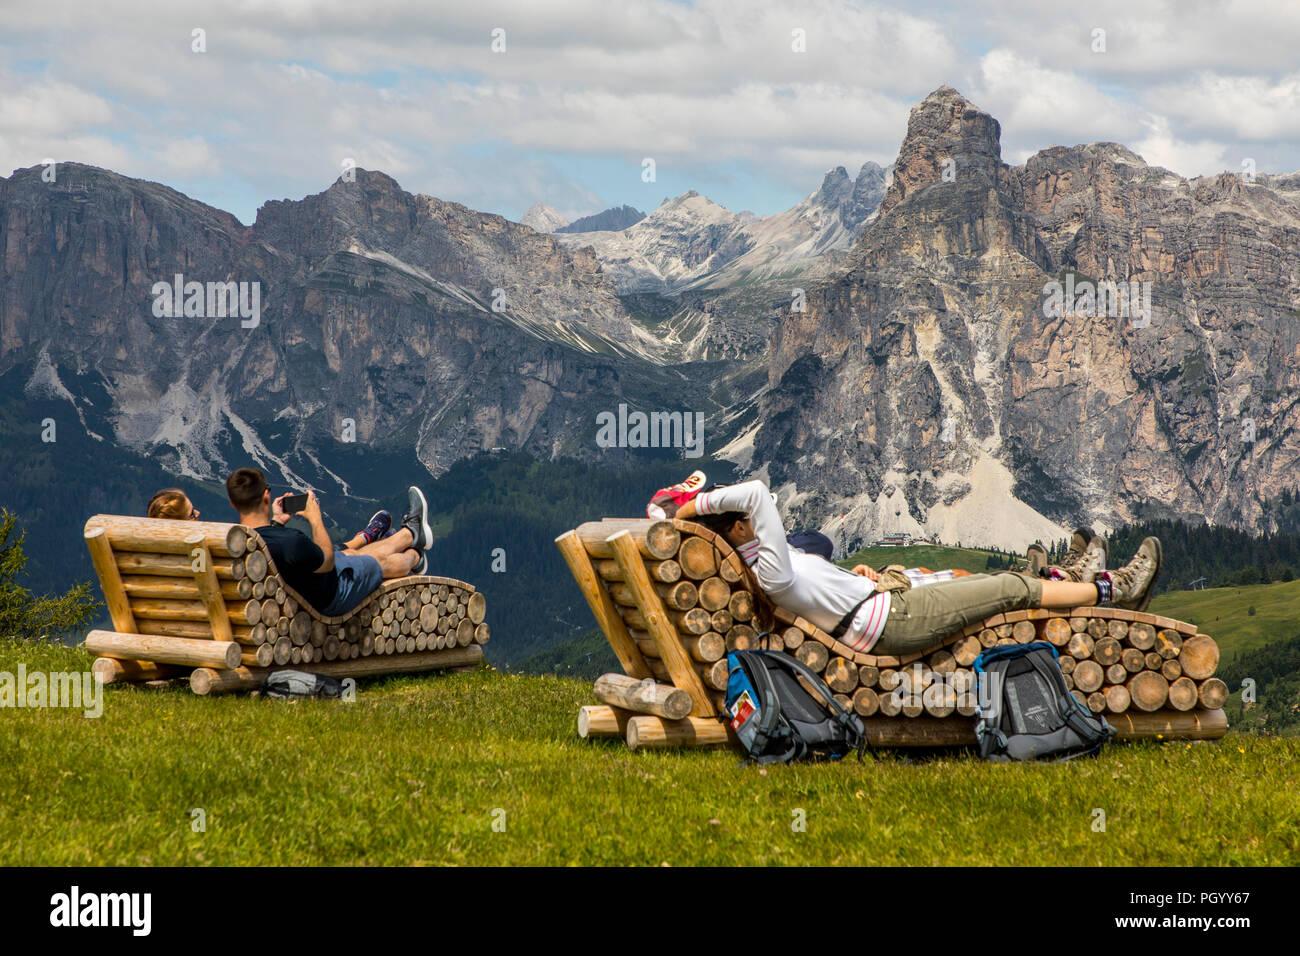 Italien, Südtirol, Trentino, der Piz La Ila Hochplateau in der Nähe von Stern/La Villa, Almwiese, Wanderer, Aussichtspunkt am Berggasthof Pralongia, nicht Stockbild